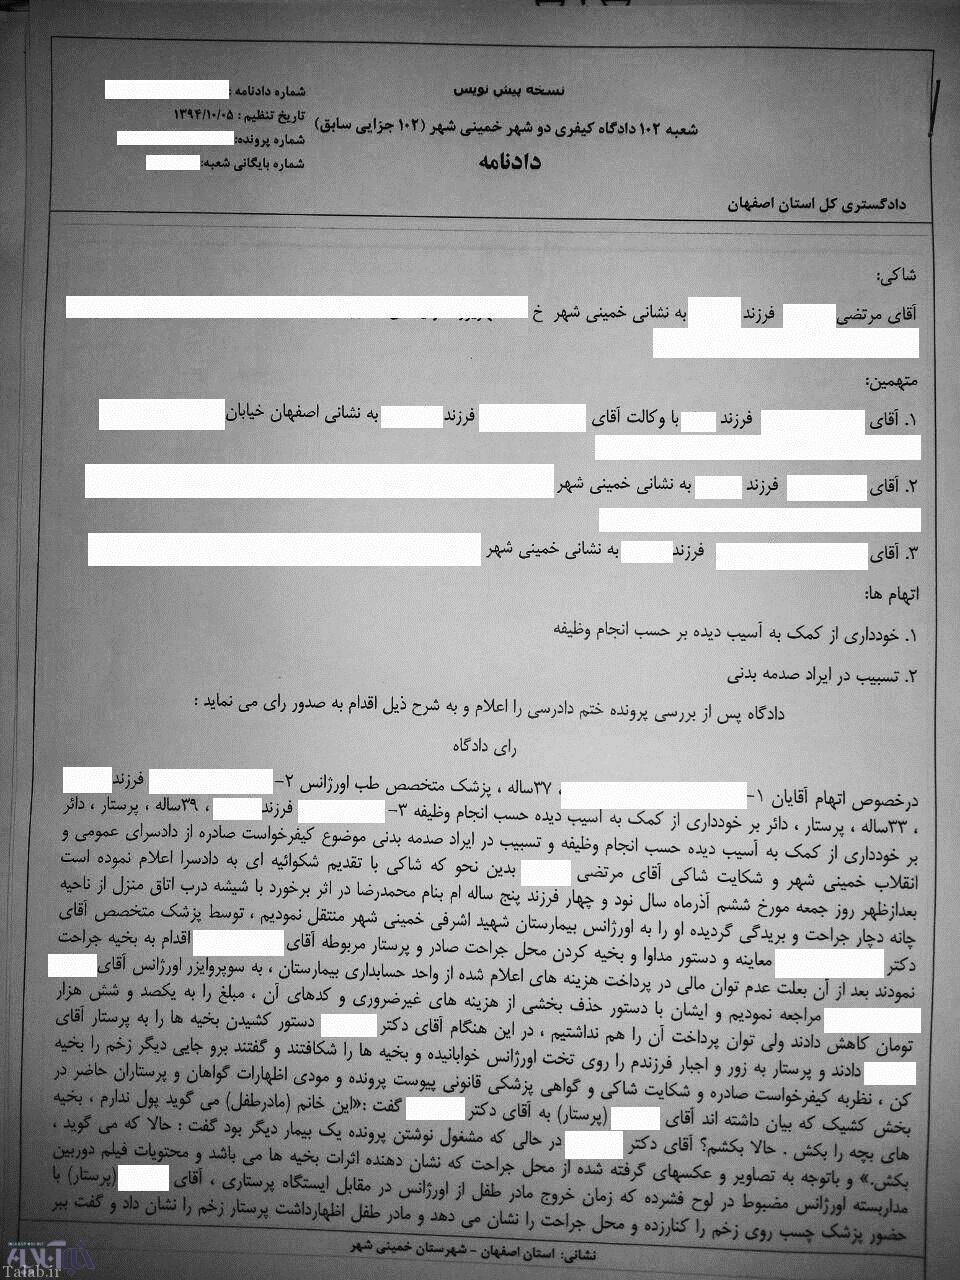 حکم عاملین باز کردن بخیه صورت کودک صادر شد + عکس